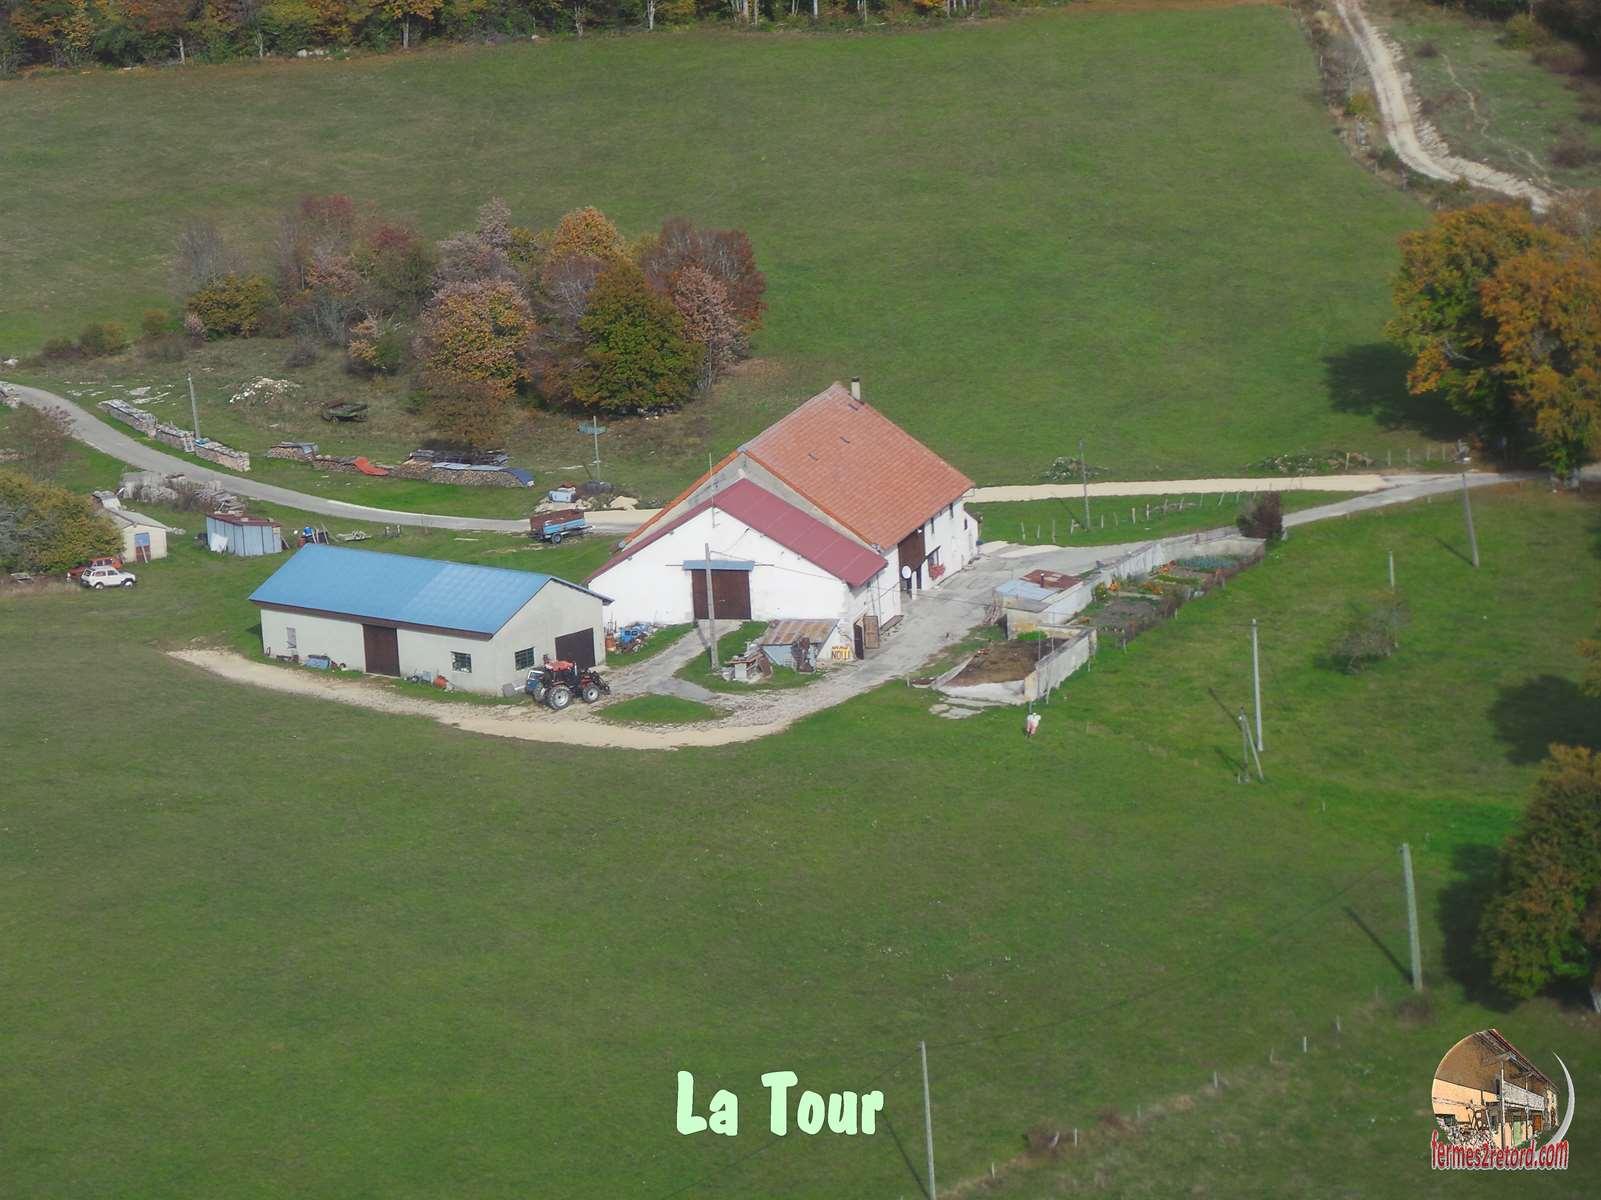 La Tour.jpg